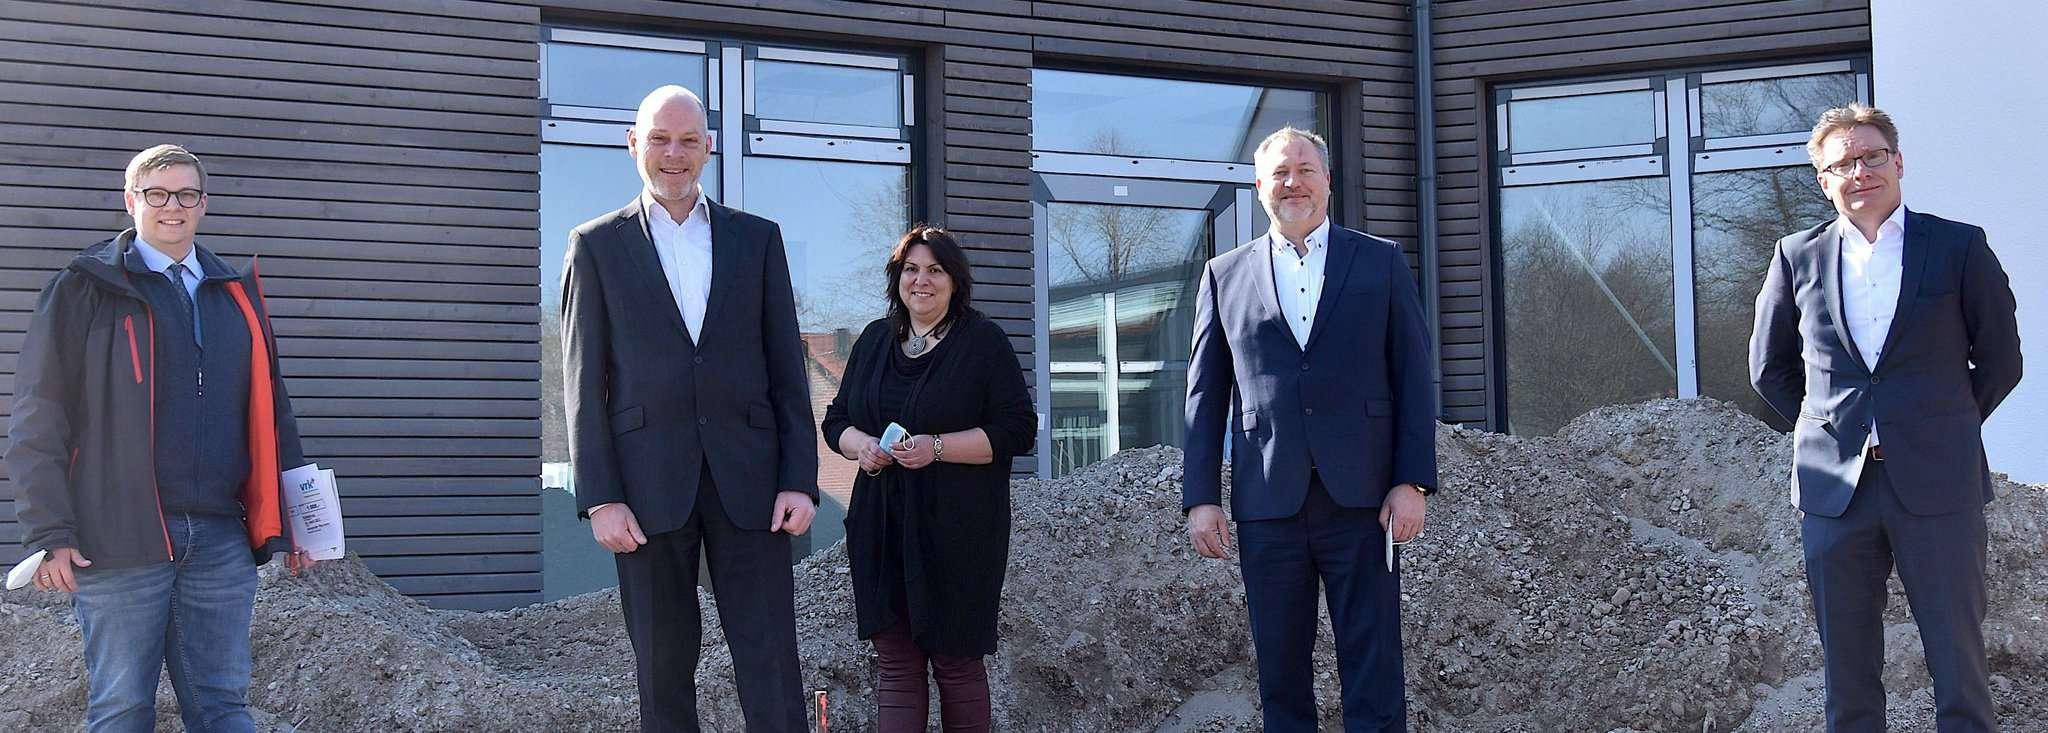 Johannes Stephens (von links), Gero von Maydell, Sandra Köbe, Alexander Plaumann und Henning Peters besuchen die Baustelle u2013 bald wird das Hospiz eröffnet.